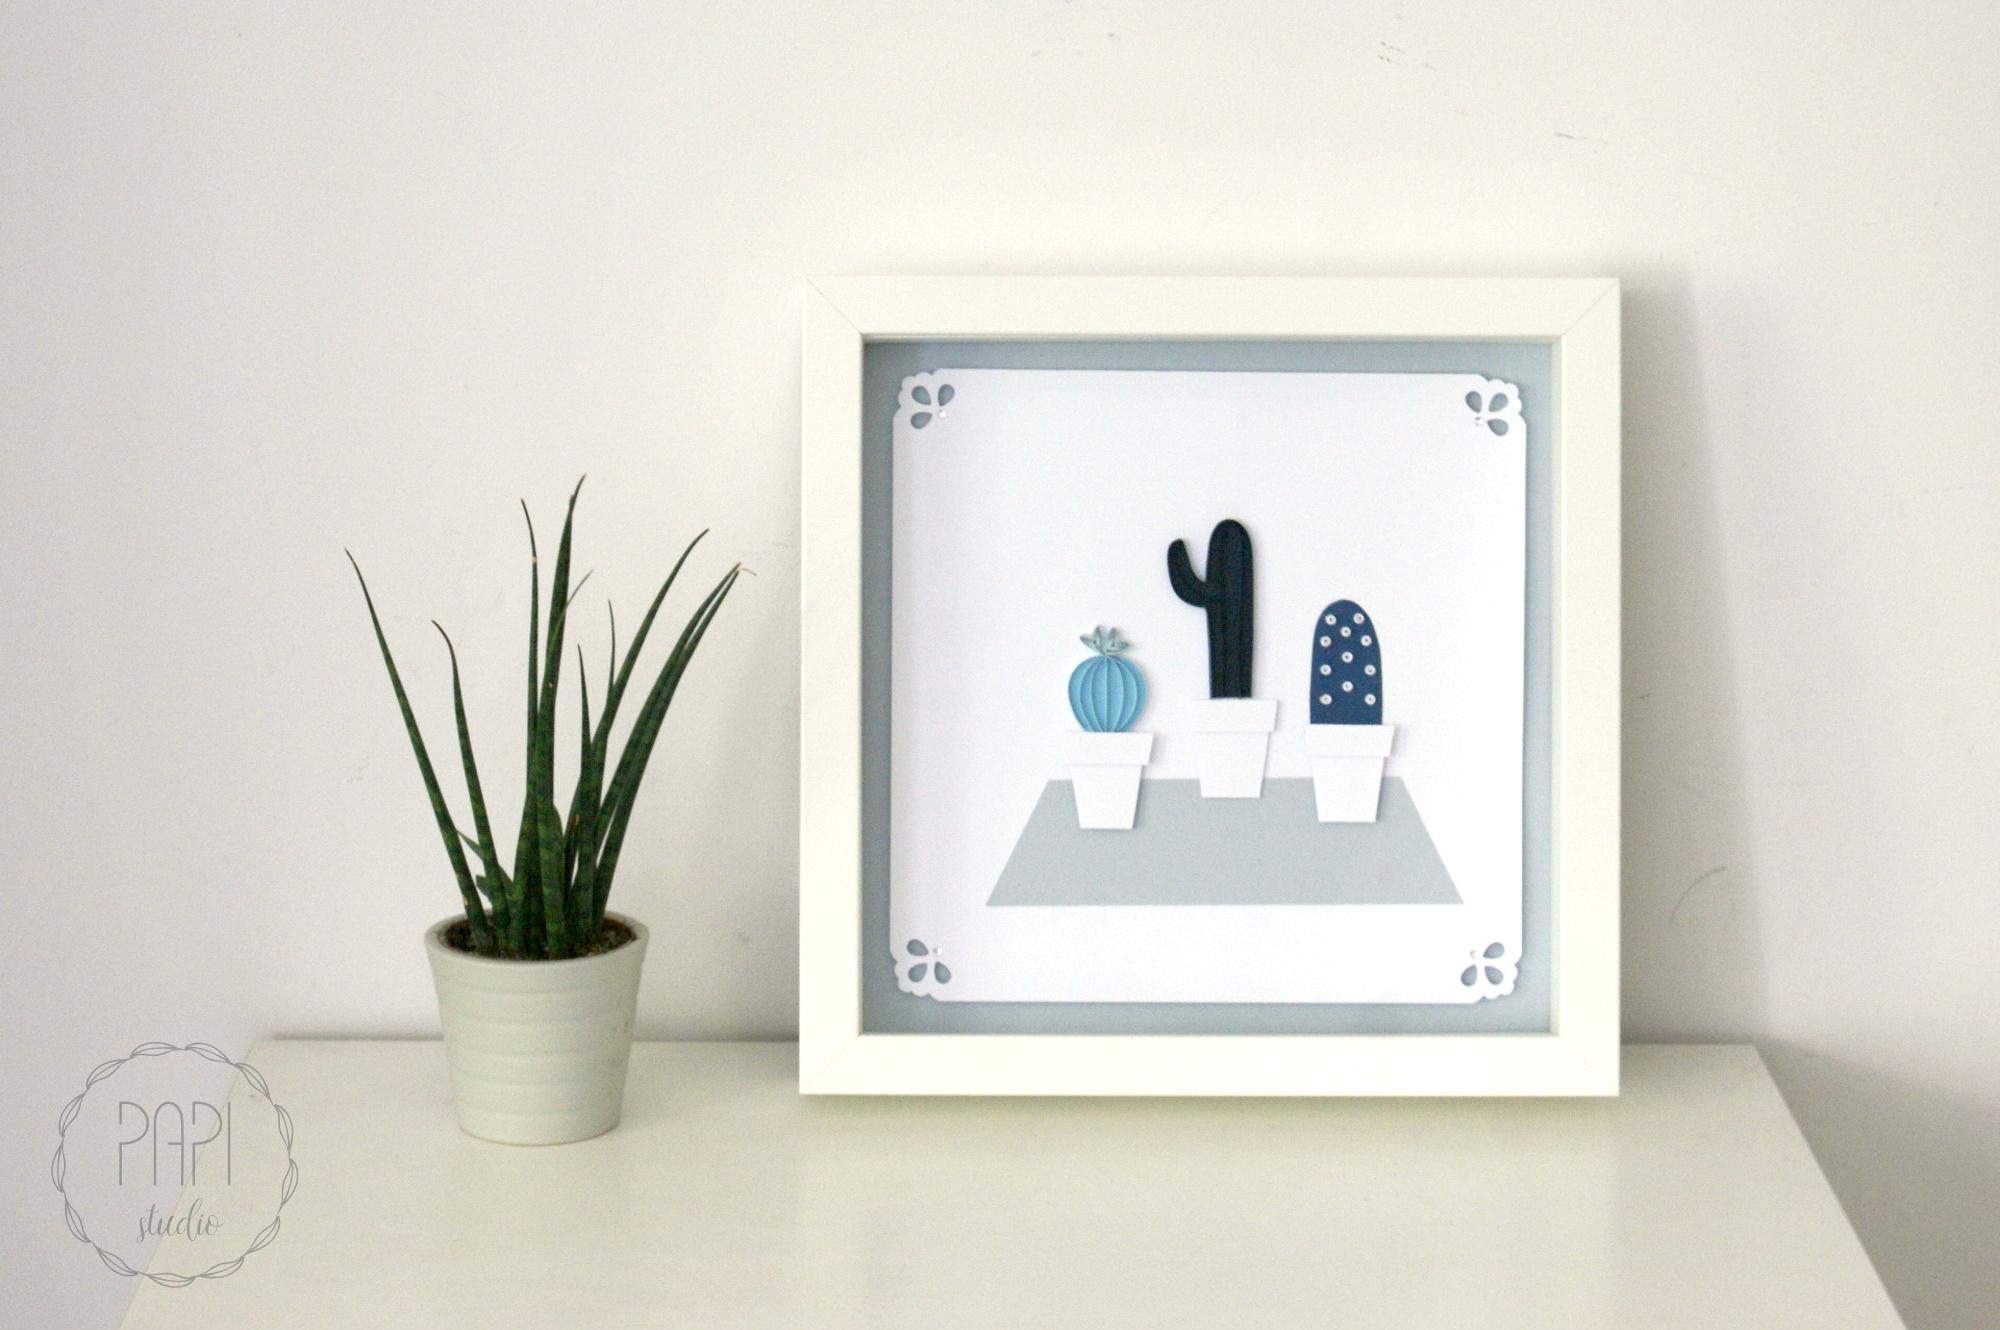 obrazek z kaktusami Neli handmade